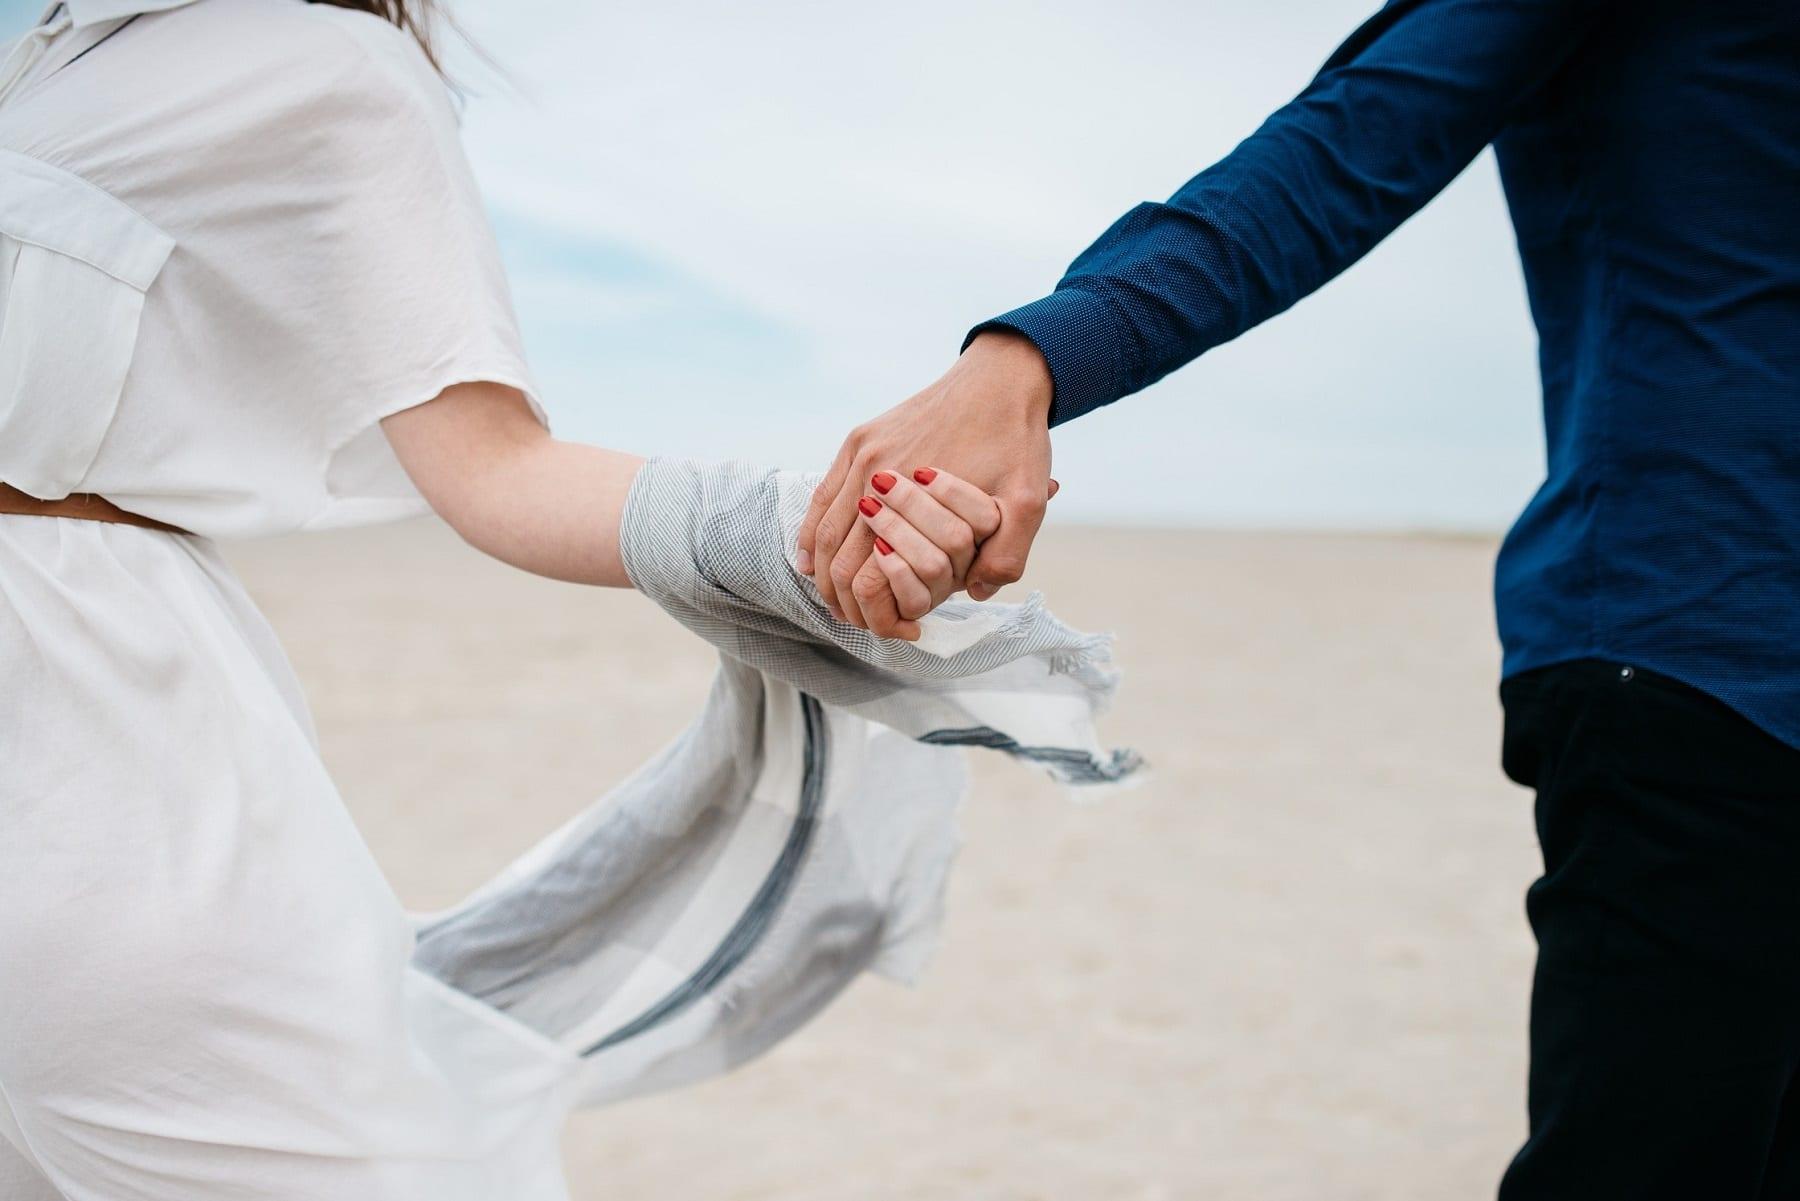 chinh phục phụ nữ sư tử - cặp đôi nắm tay